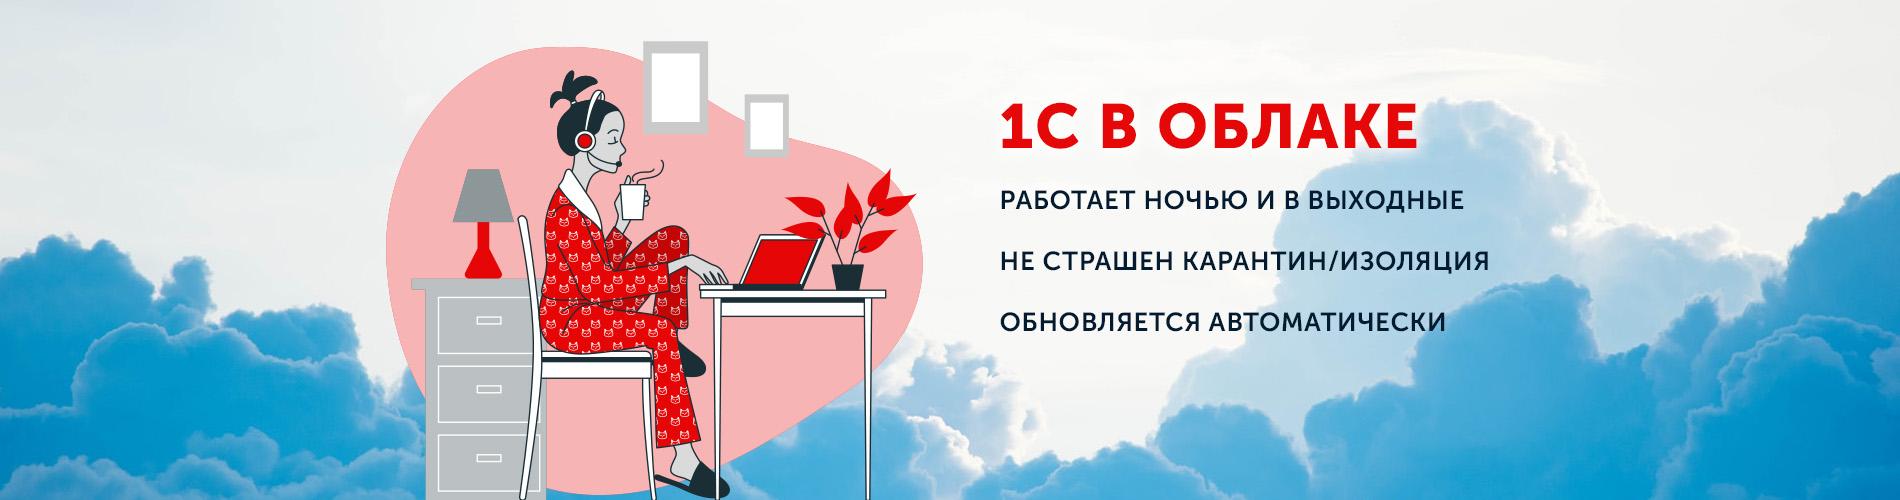 1С в облаке для коммерческих и государственных предприятий